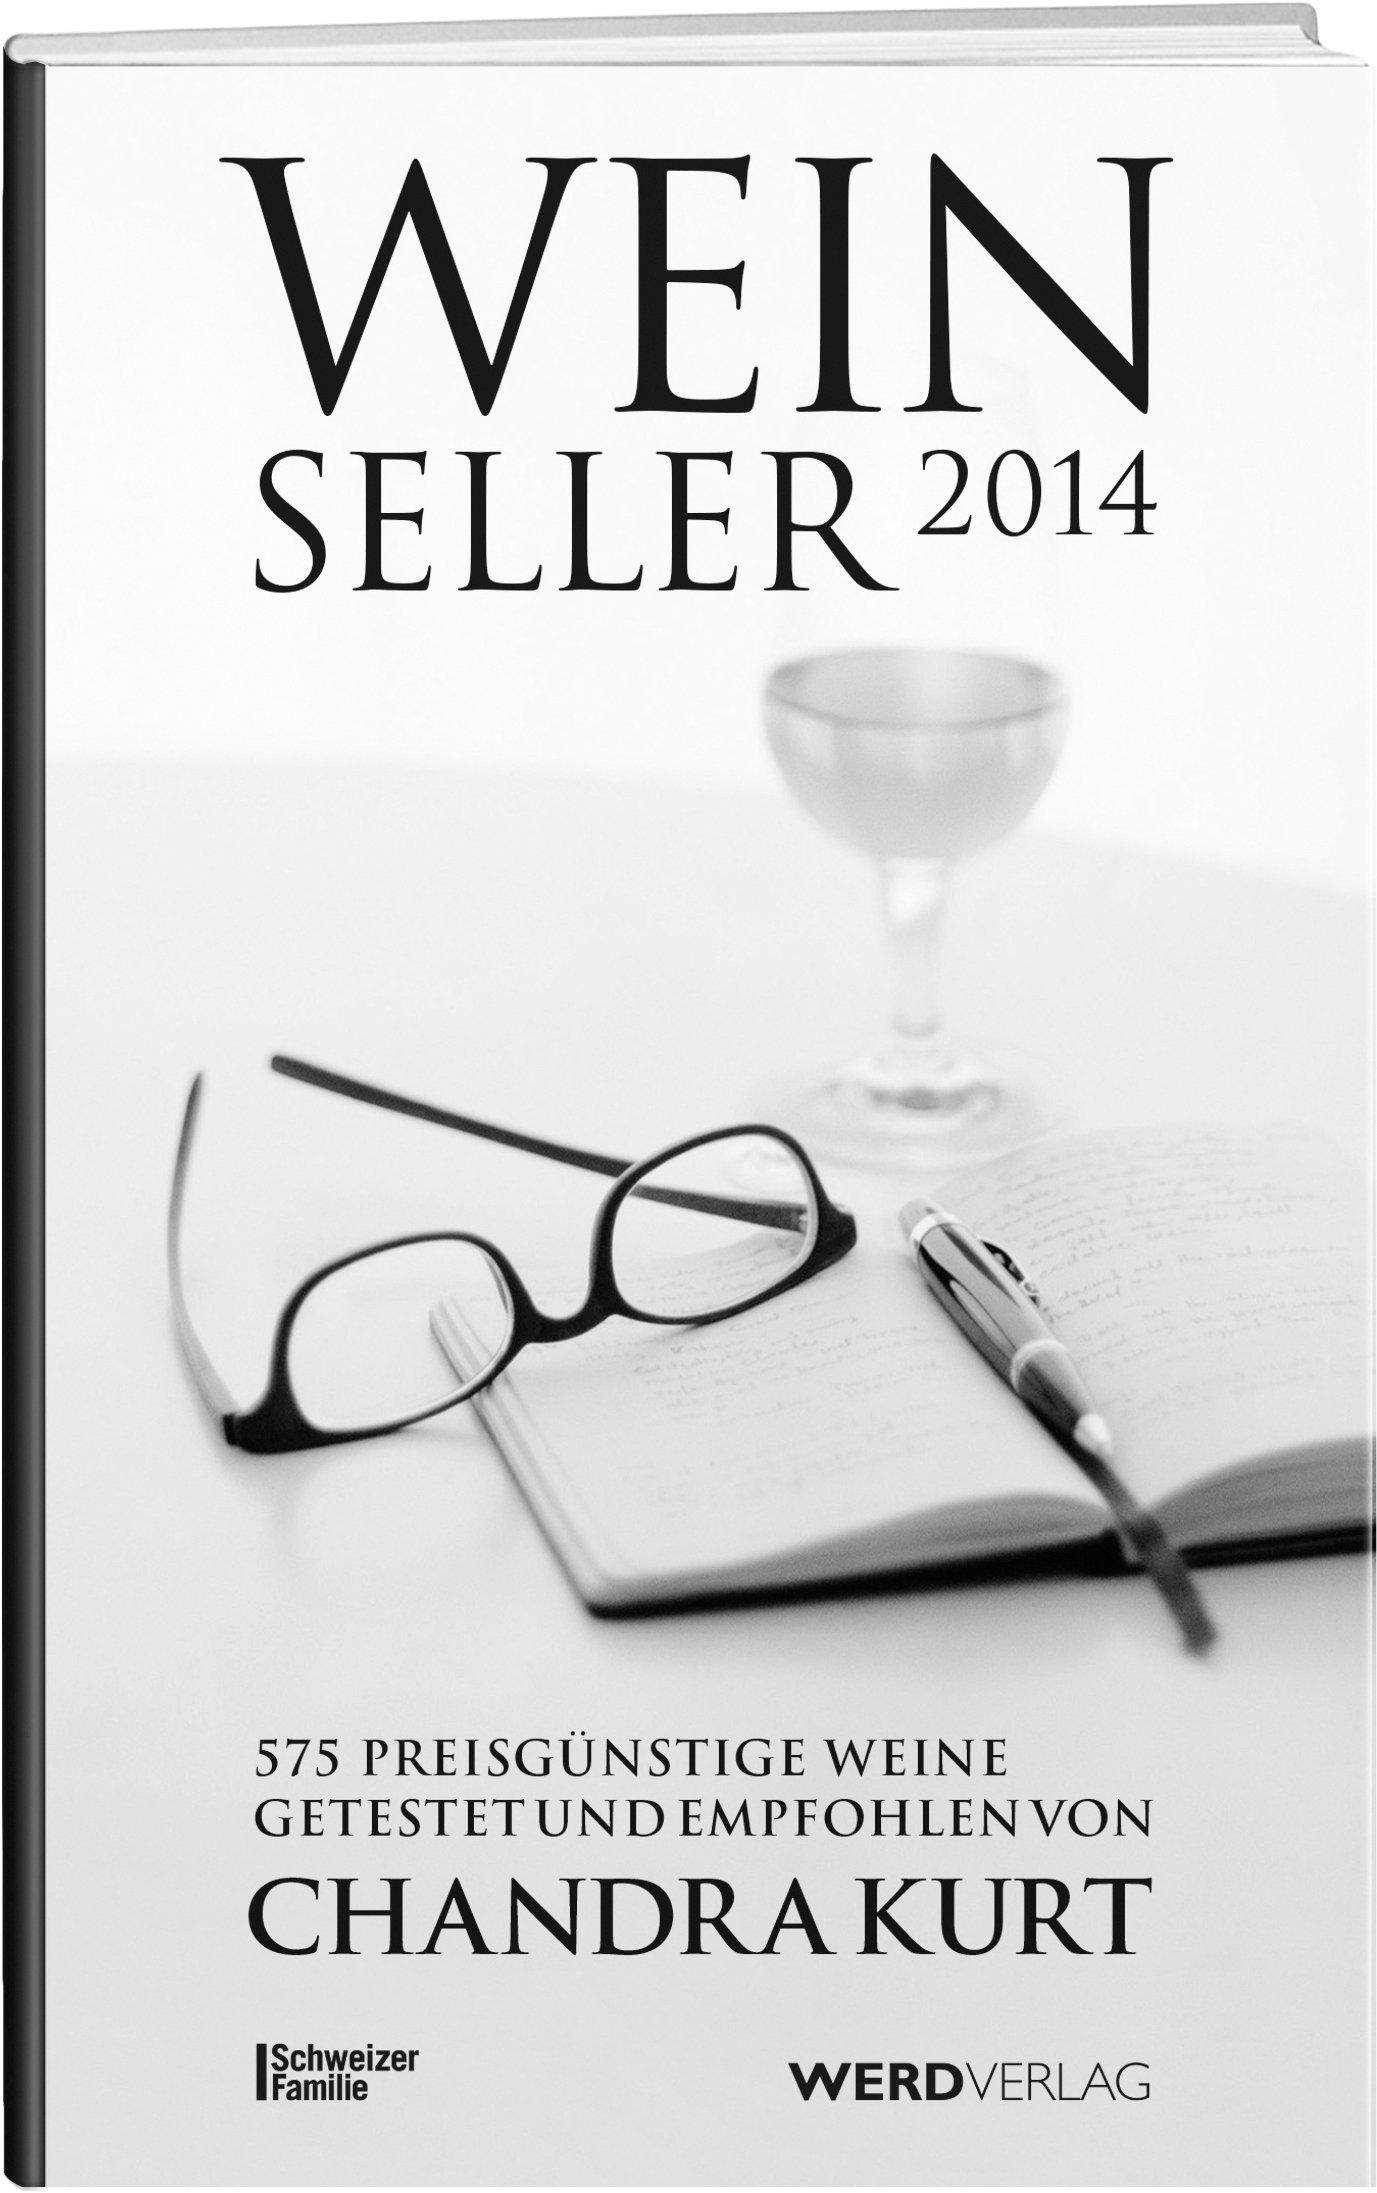 weinseller-2014-ber-500-preisgnstige-weine-getestet-und-empfohlen-von-chandra-kurt